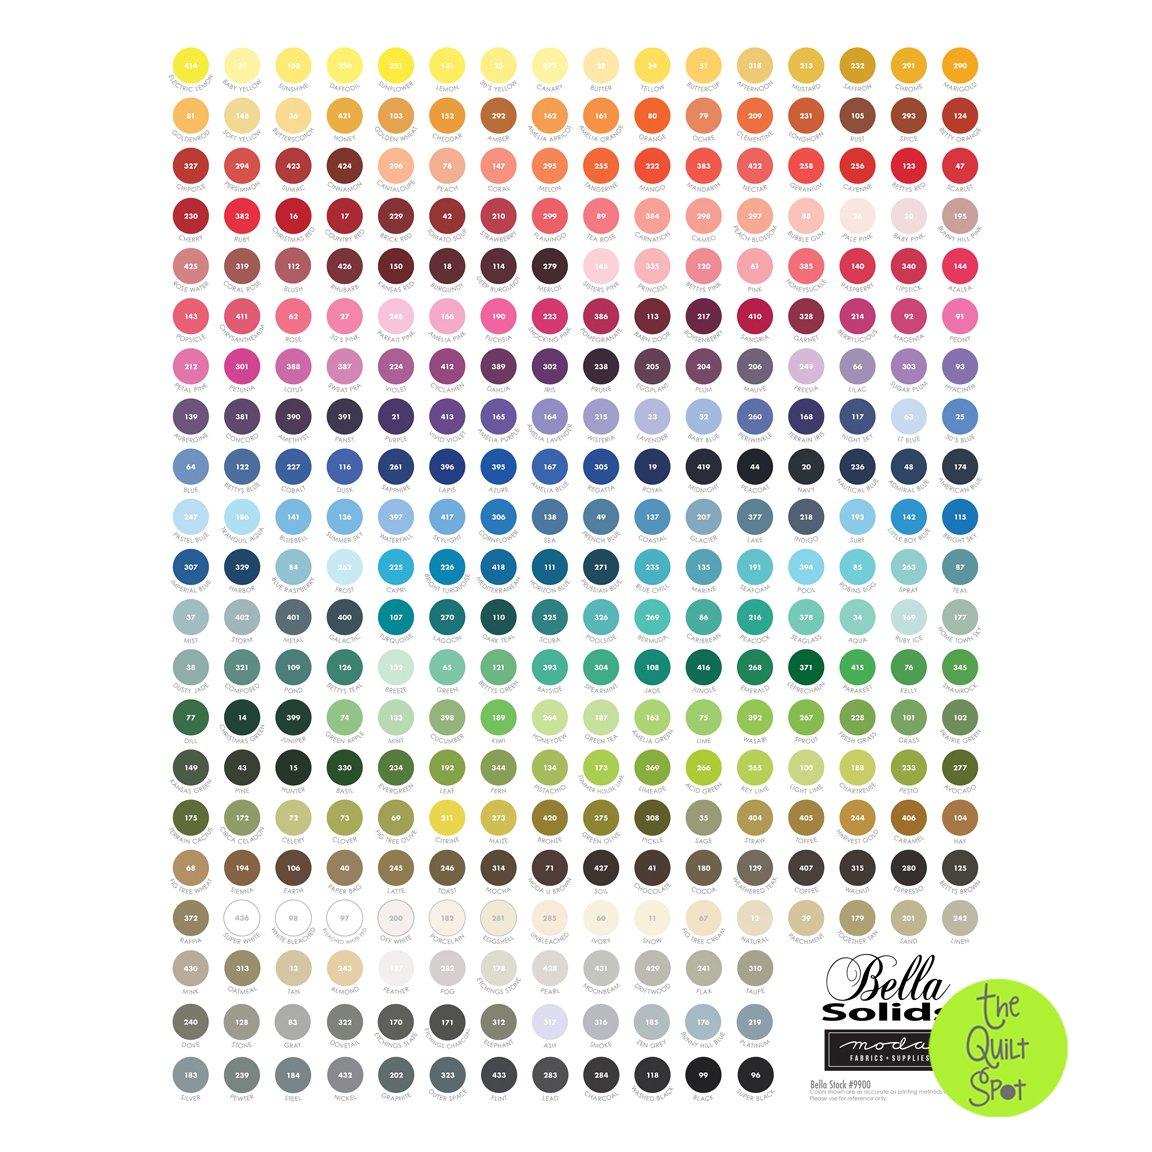 My Favorite Color Is Moda - Bella Solids Color Panel